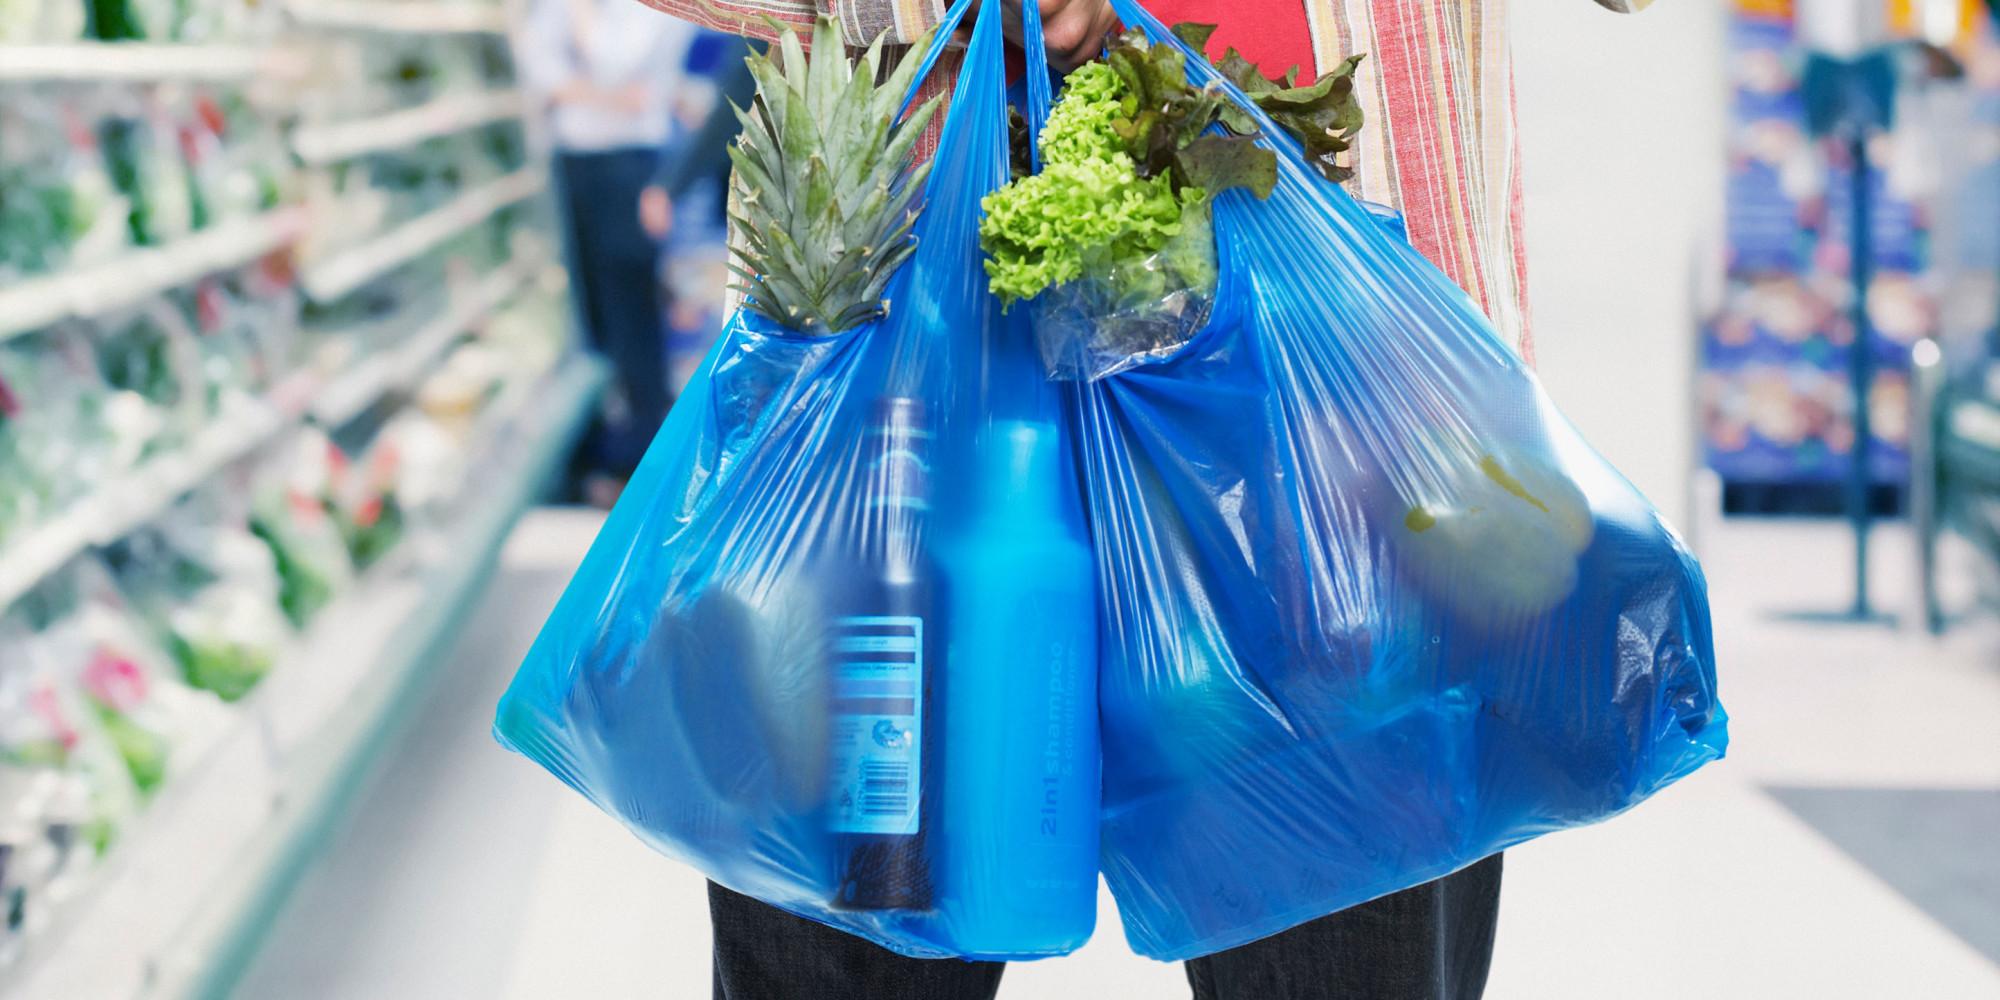 Marketlerdeki Naylon Poşetler Artık Para ile Satılacak